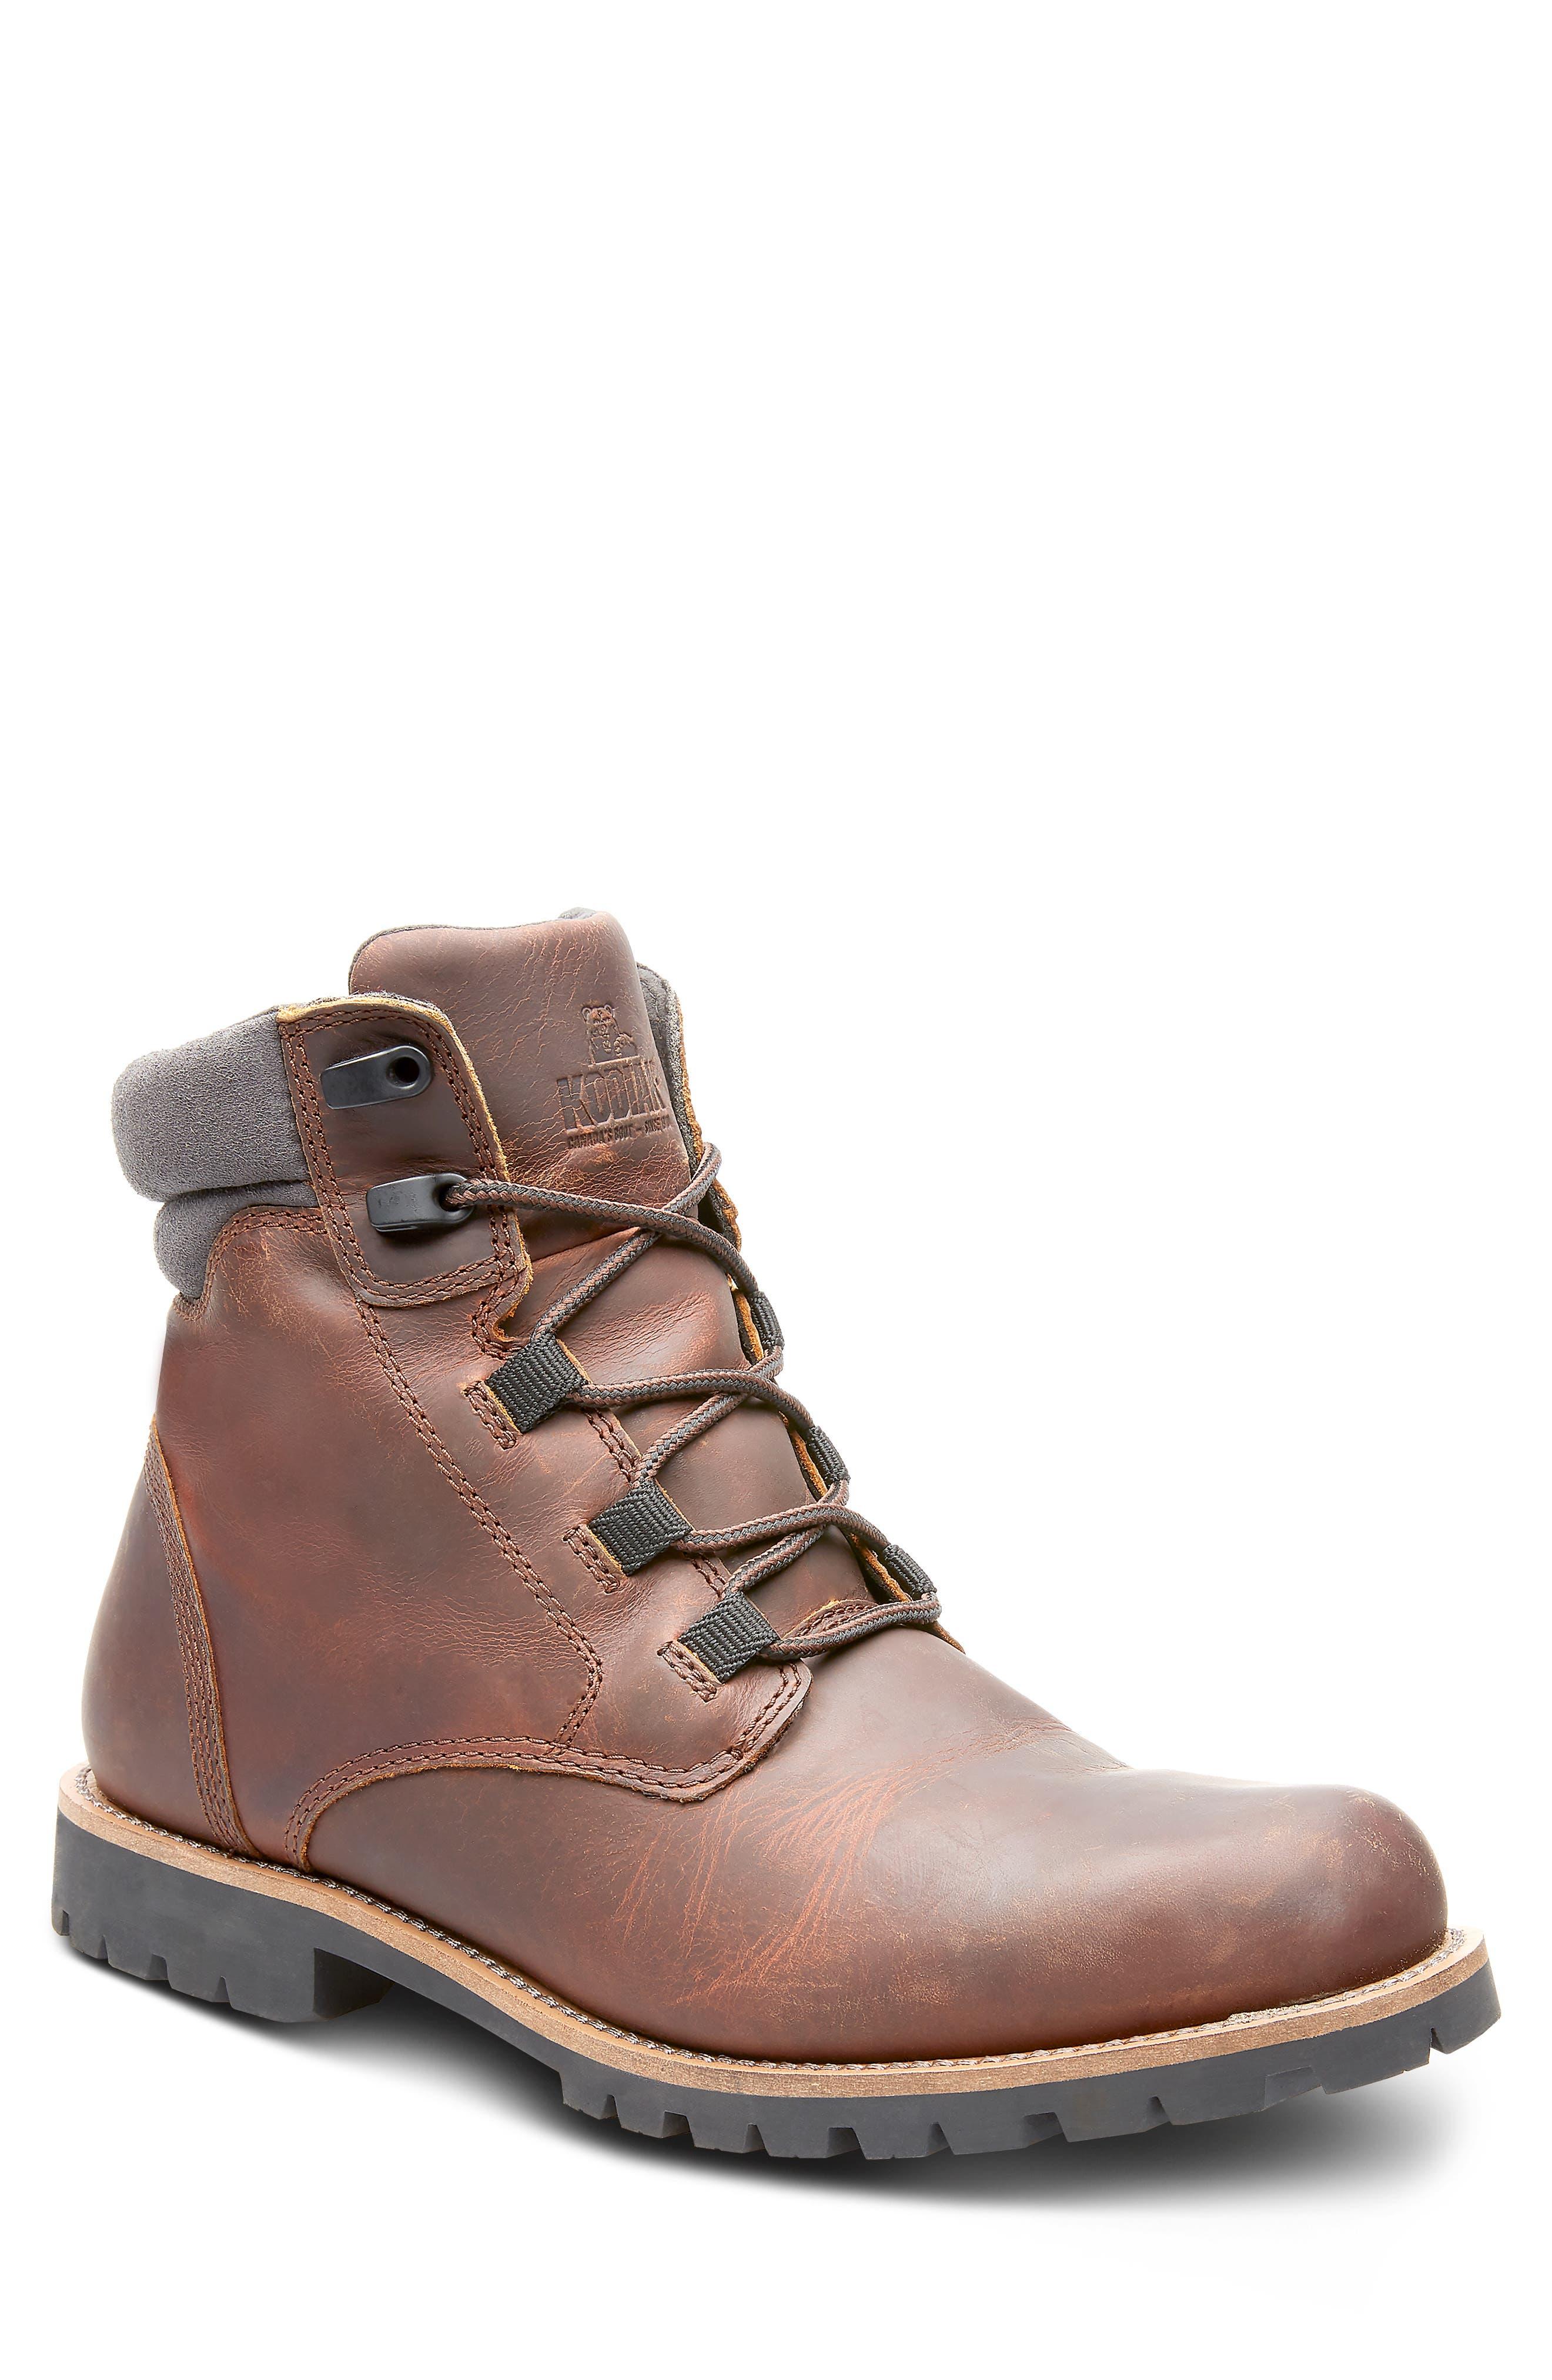 Moncton Waterproof Boot